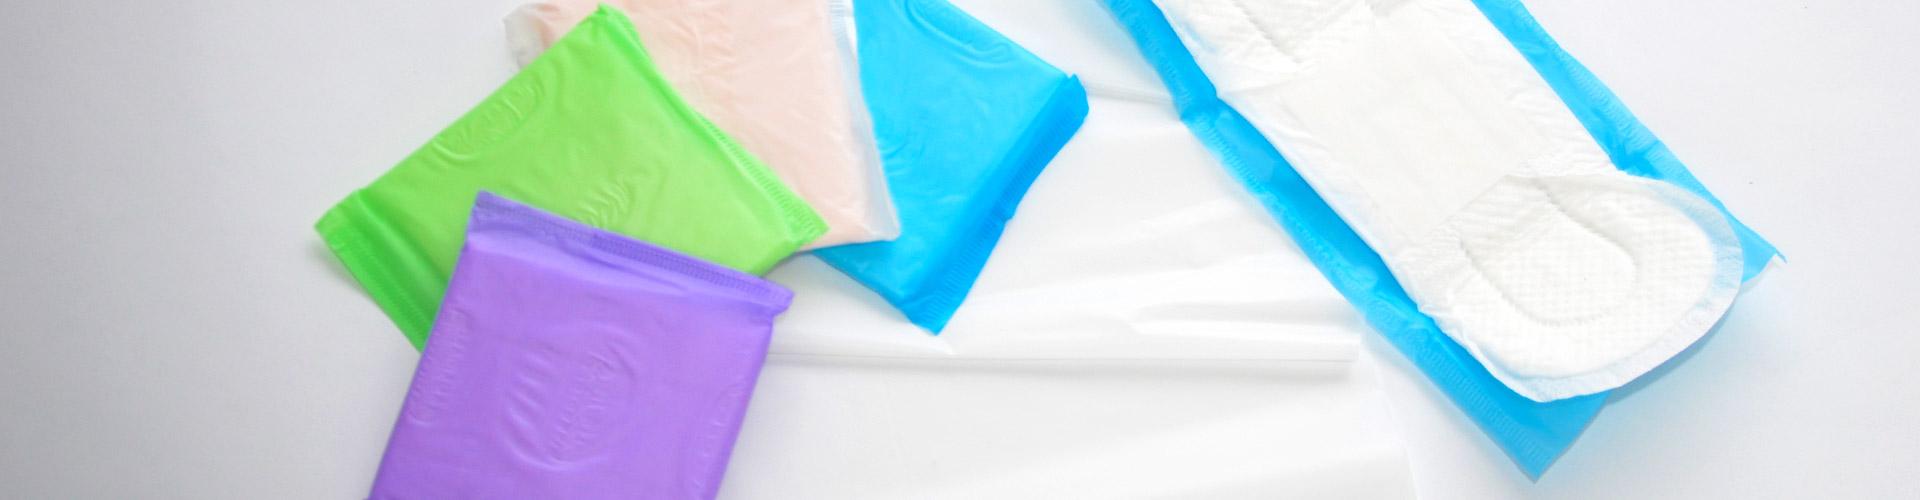 Fólie pro osobní hygienu - Granitol a.s. 0a494d9c07